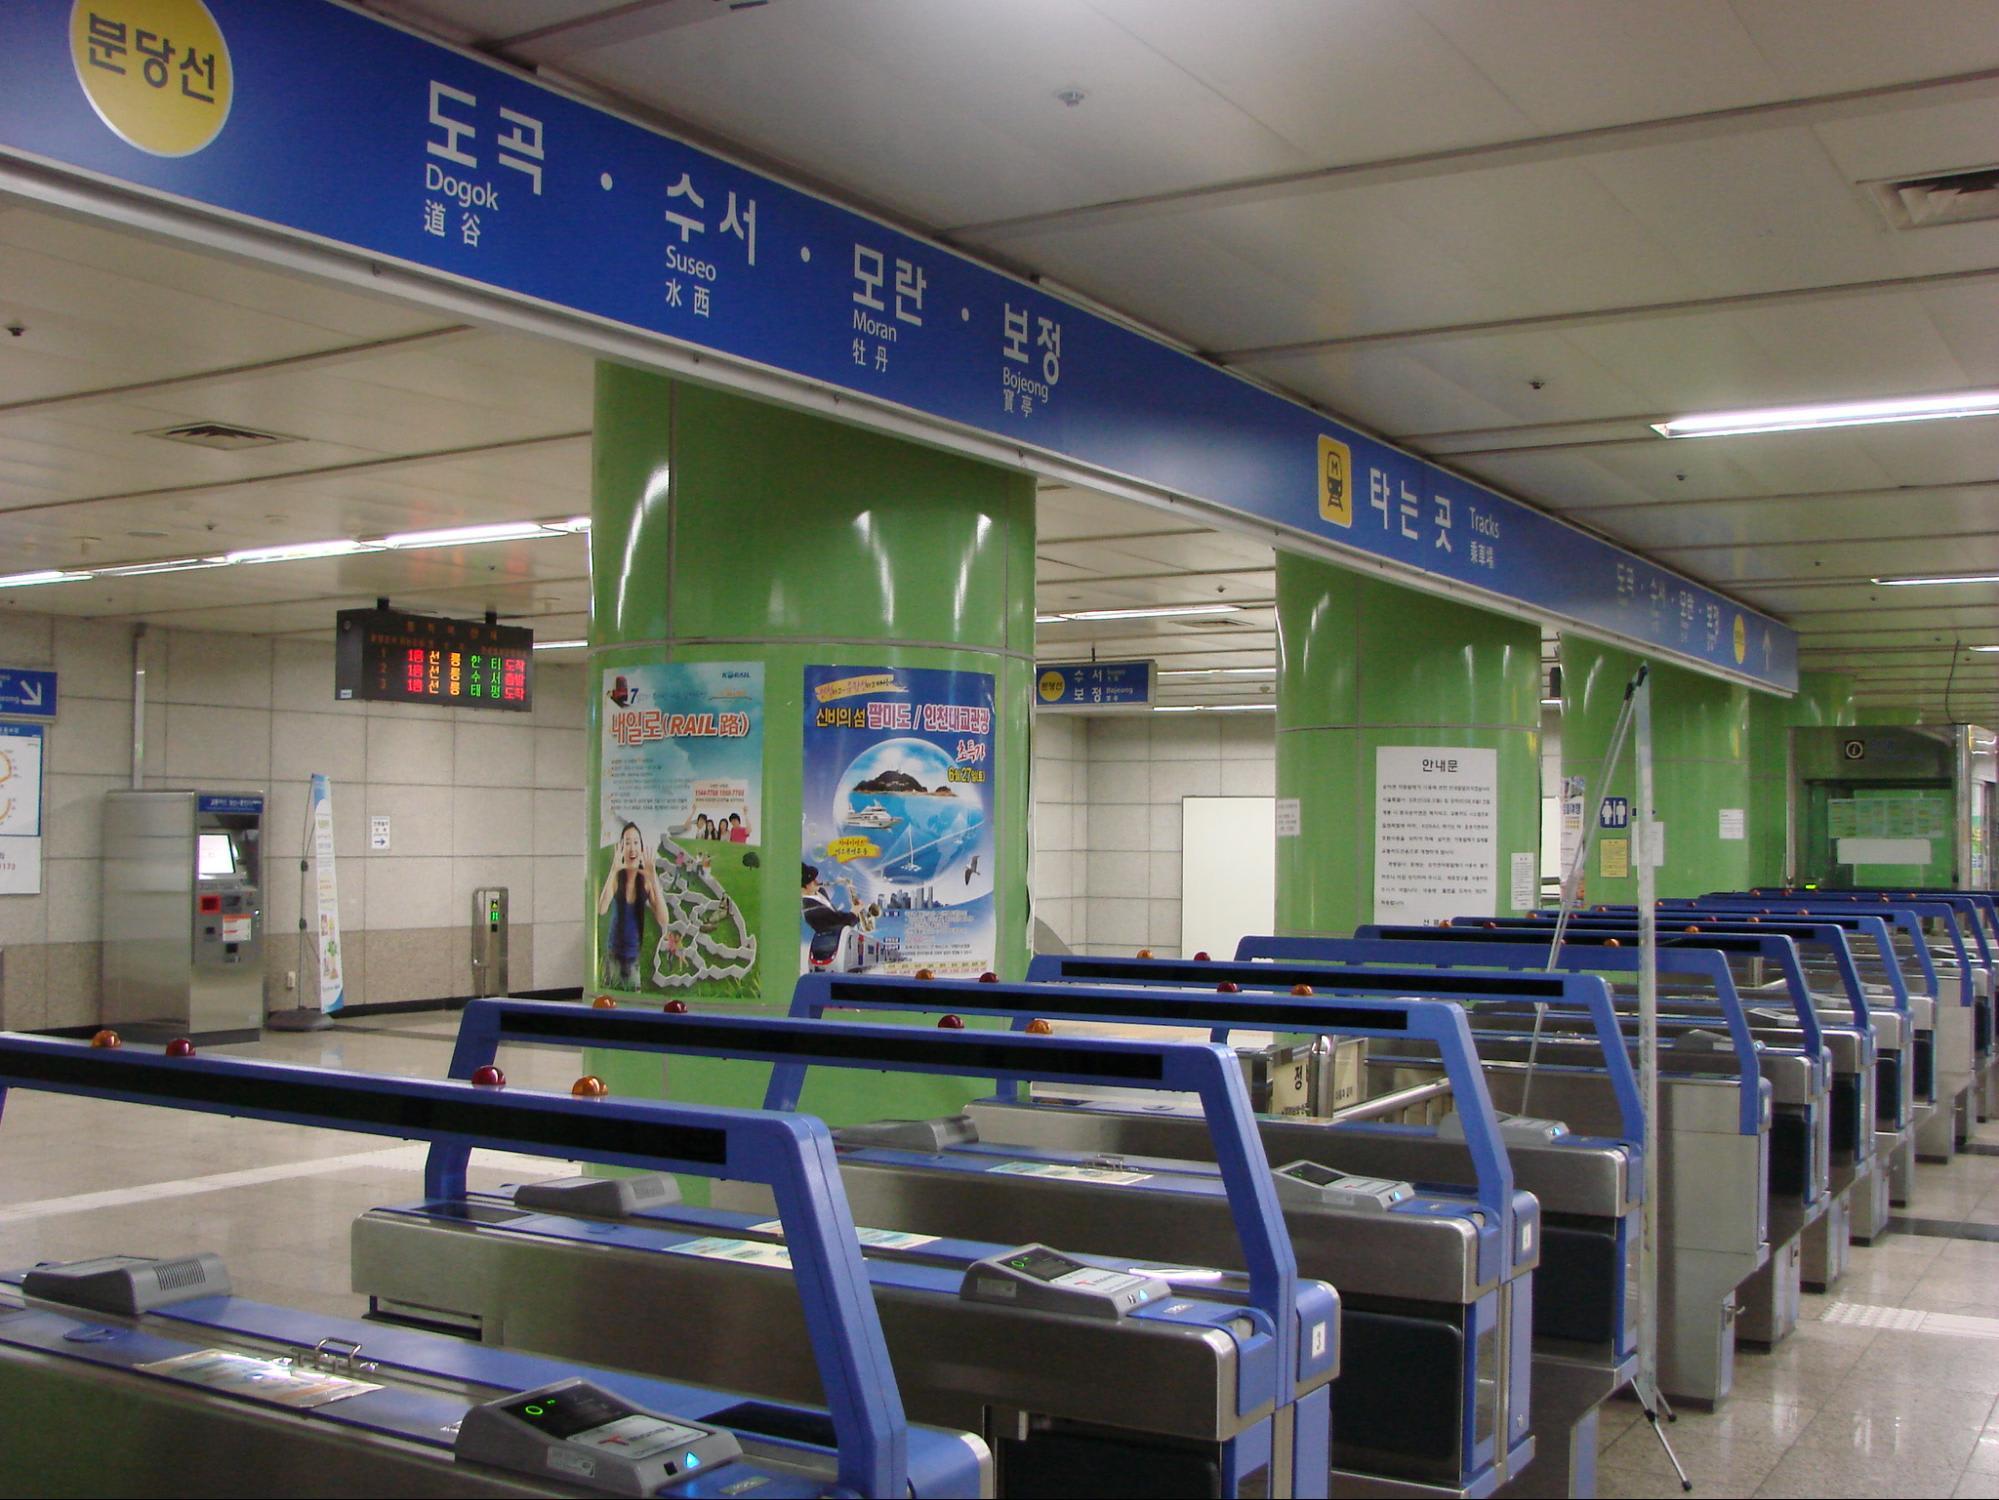 Bí kíp du lịch tự túc Hàn Quốc: Hướng dẫn sử dụng tàu điện ngầm Seoul 6